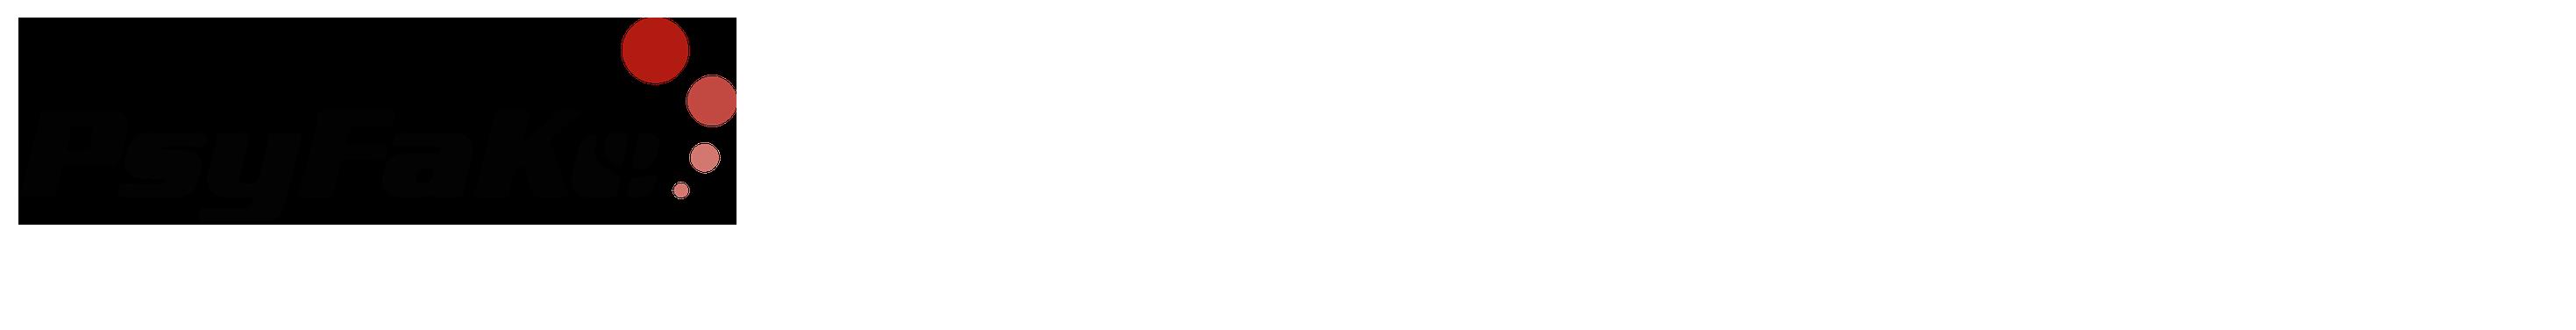 methoden header image